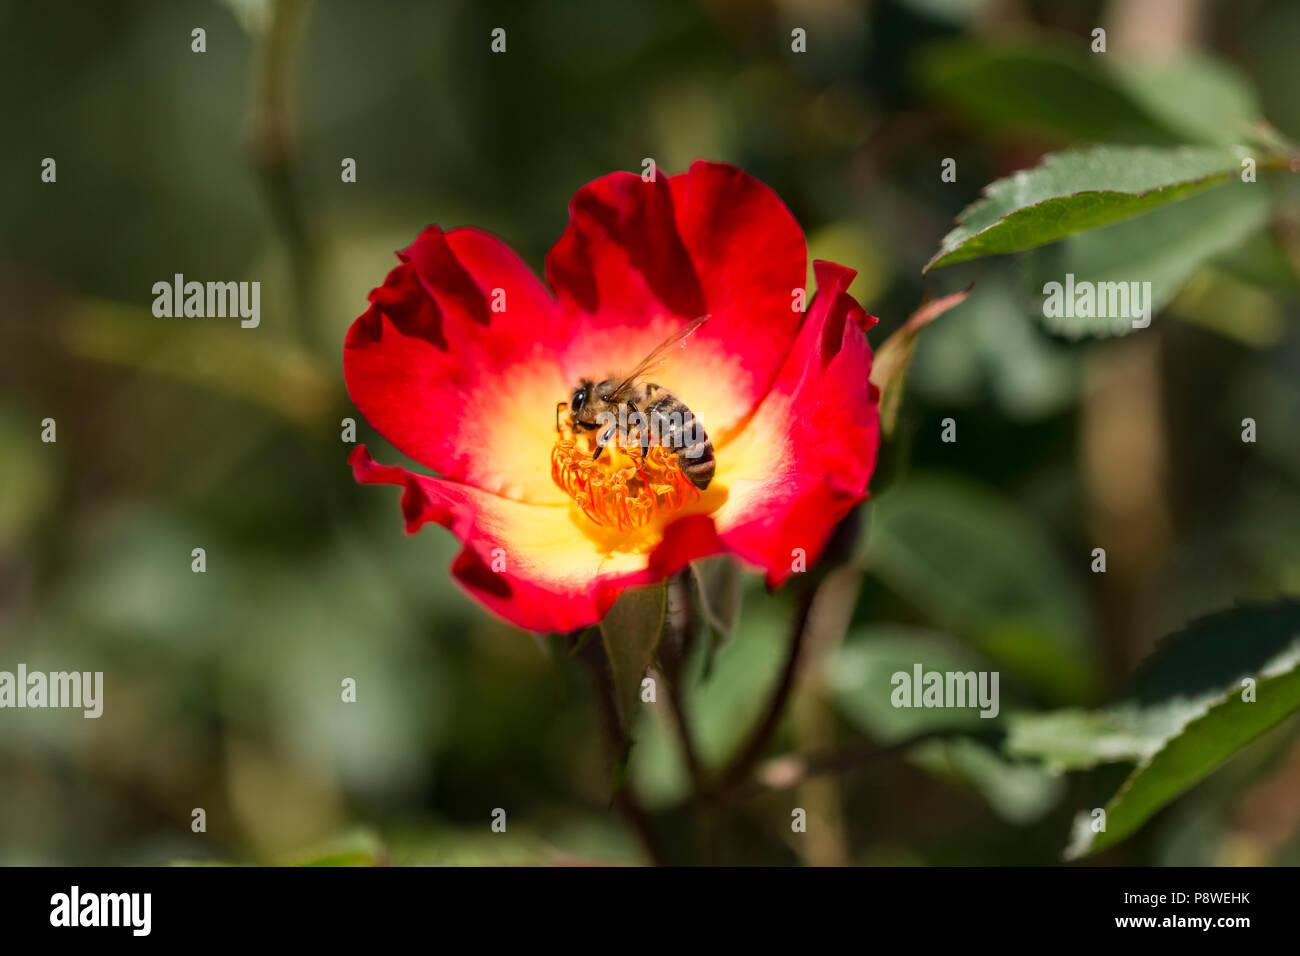 Honig Biene sammelt Nektar von Blüten eine rote Blume Stockfoto